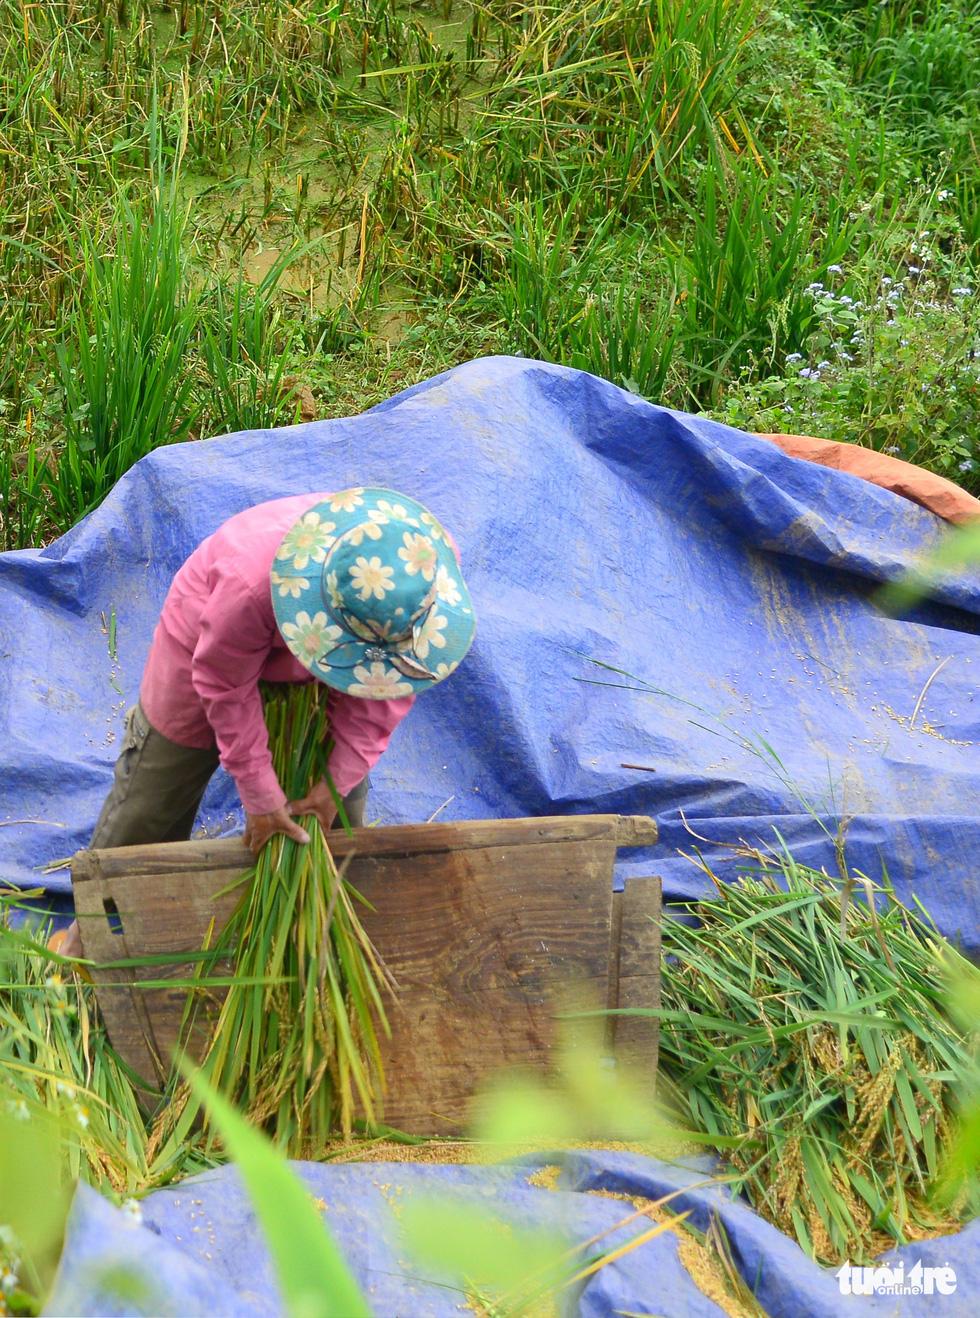 Mùa gặt hạt vàng ở ruộng bậc thang Y Tý - Ảnh 4.